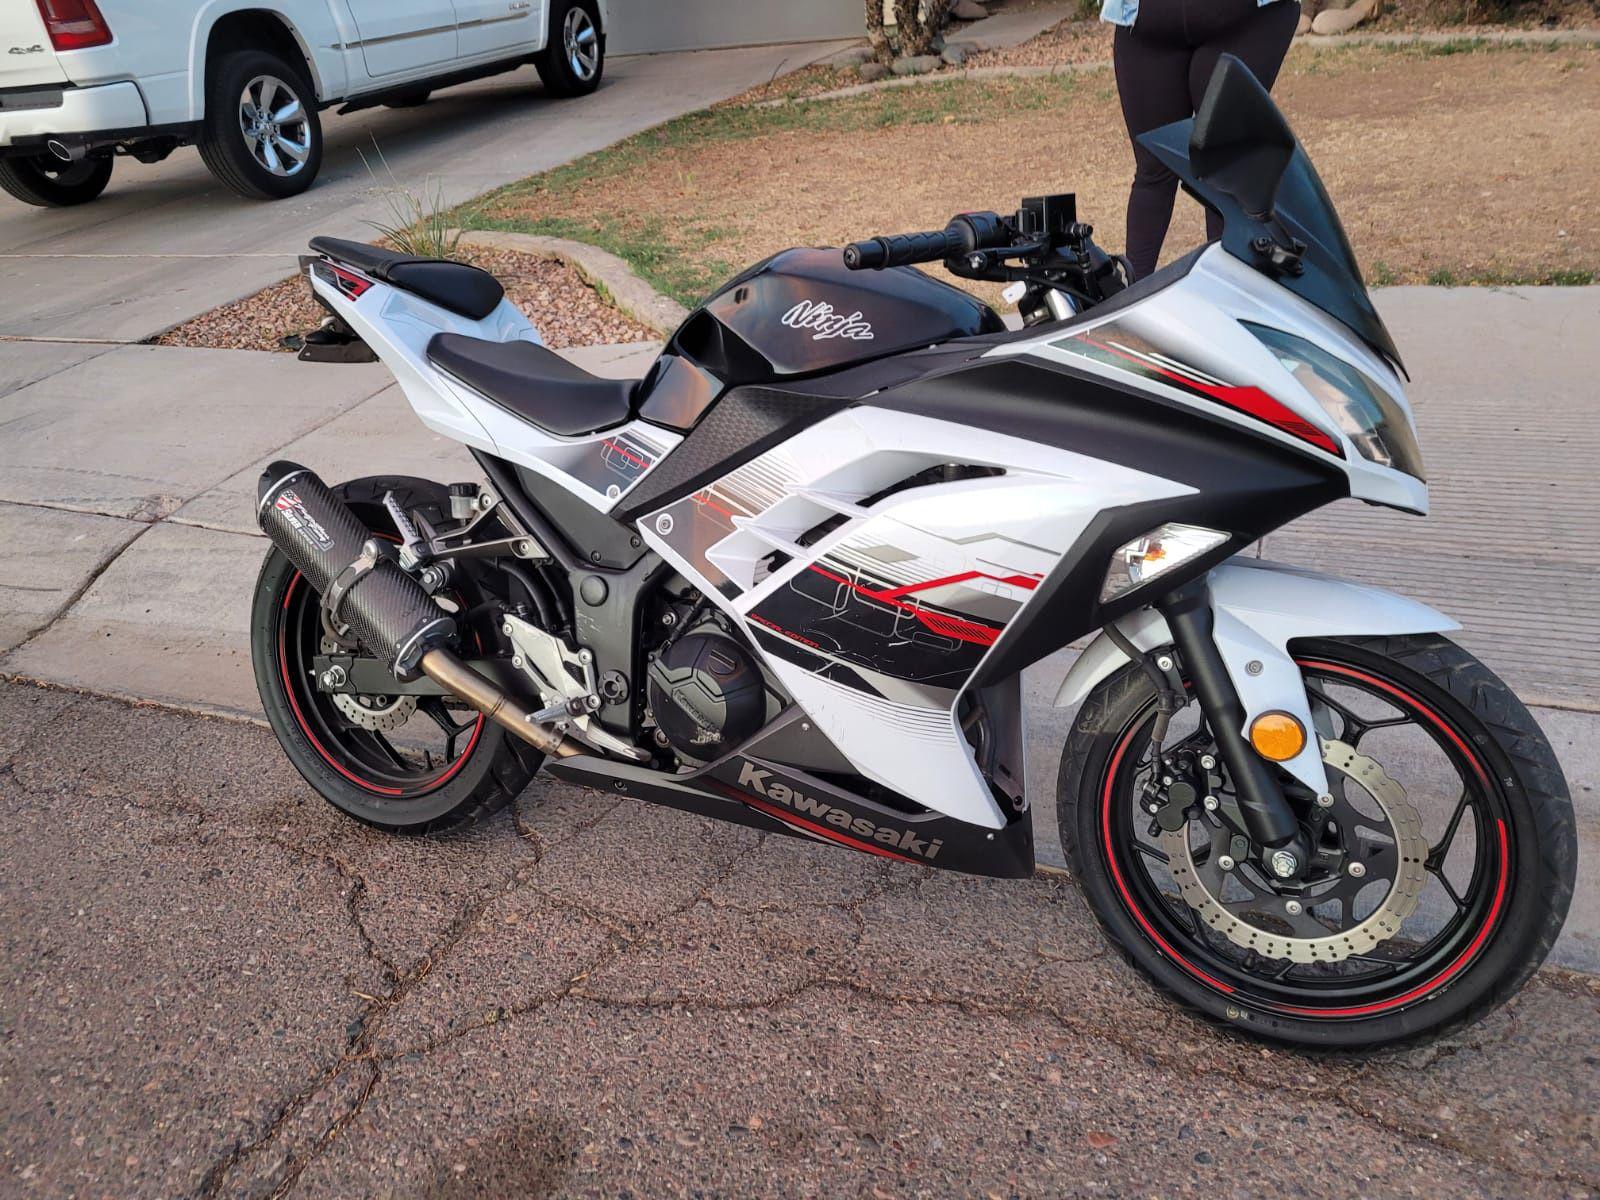 300cc Kawasaki 2014